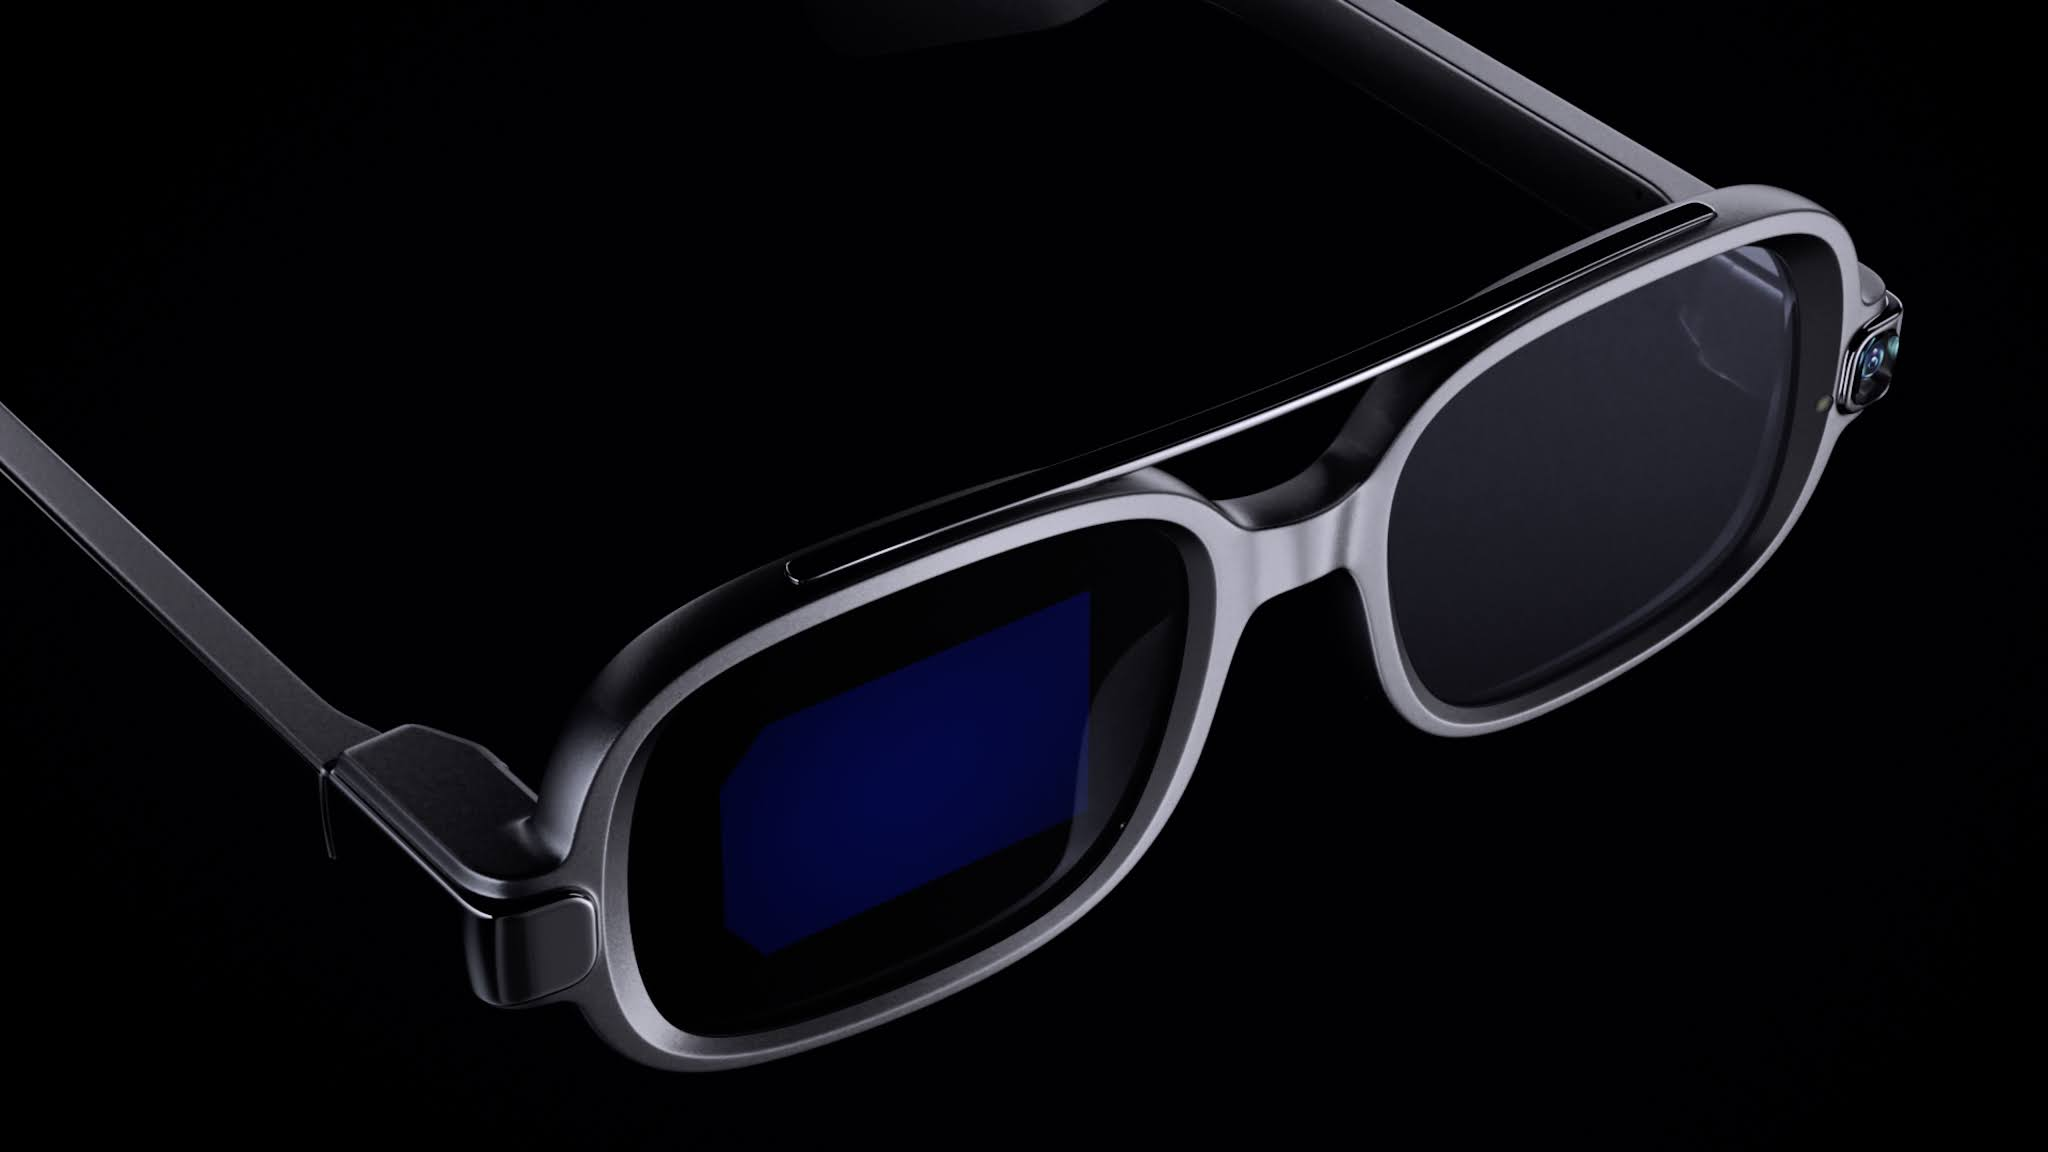 [Video] Ecco gli occhiali smart di Xiaomi